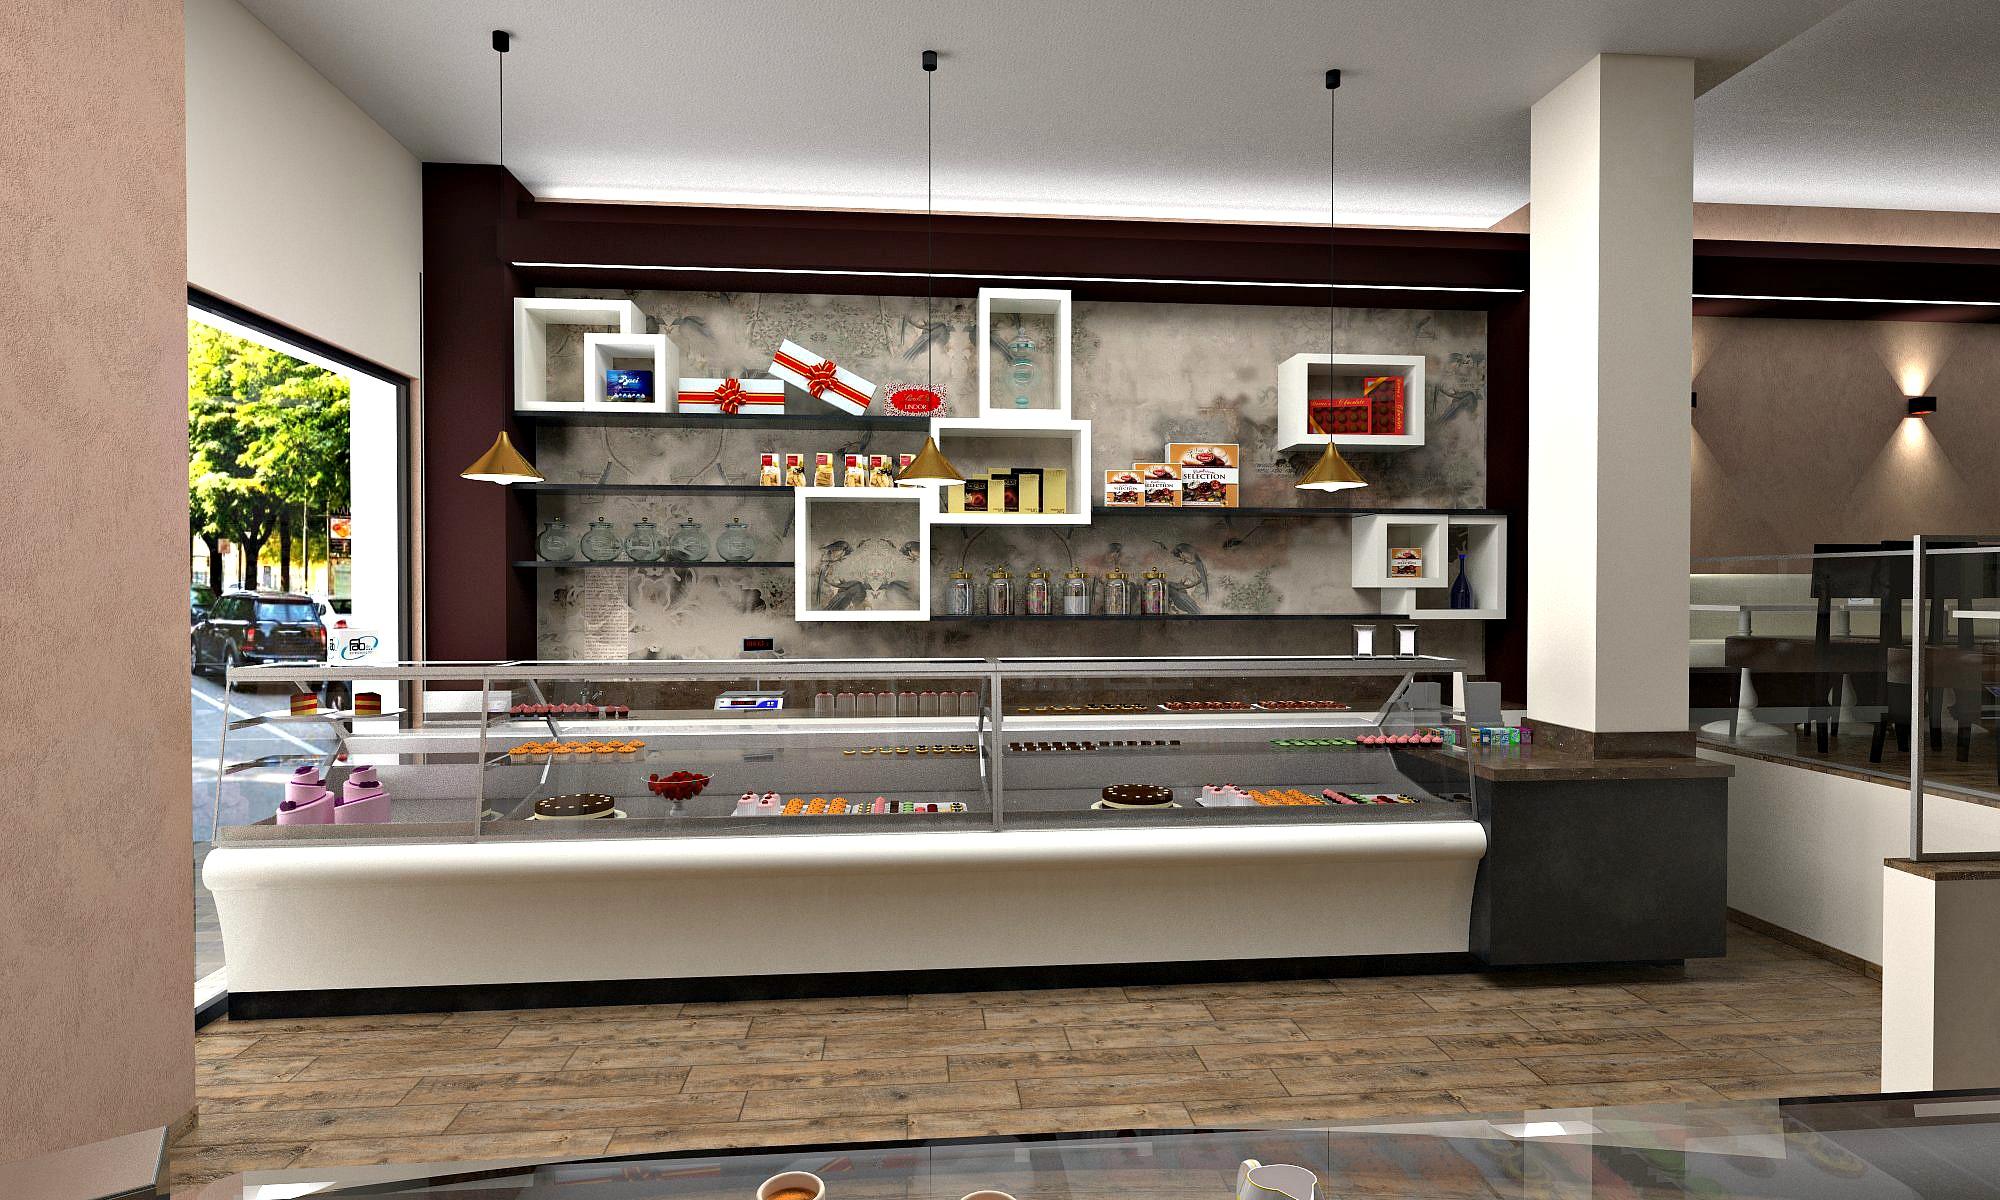 Immagine di una proposta per il banco pasticceria, presso la Pasticceria Caffetteria i 4 Mastri a Milano